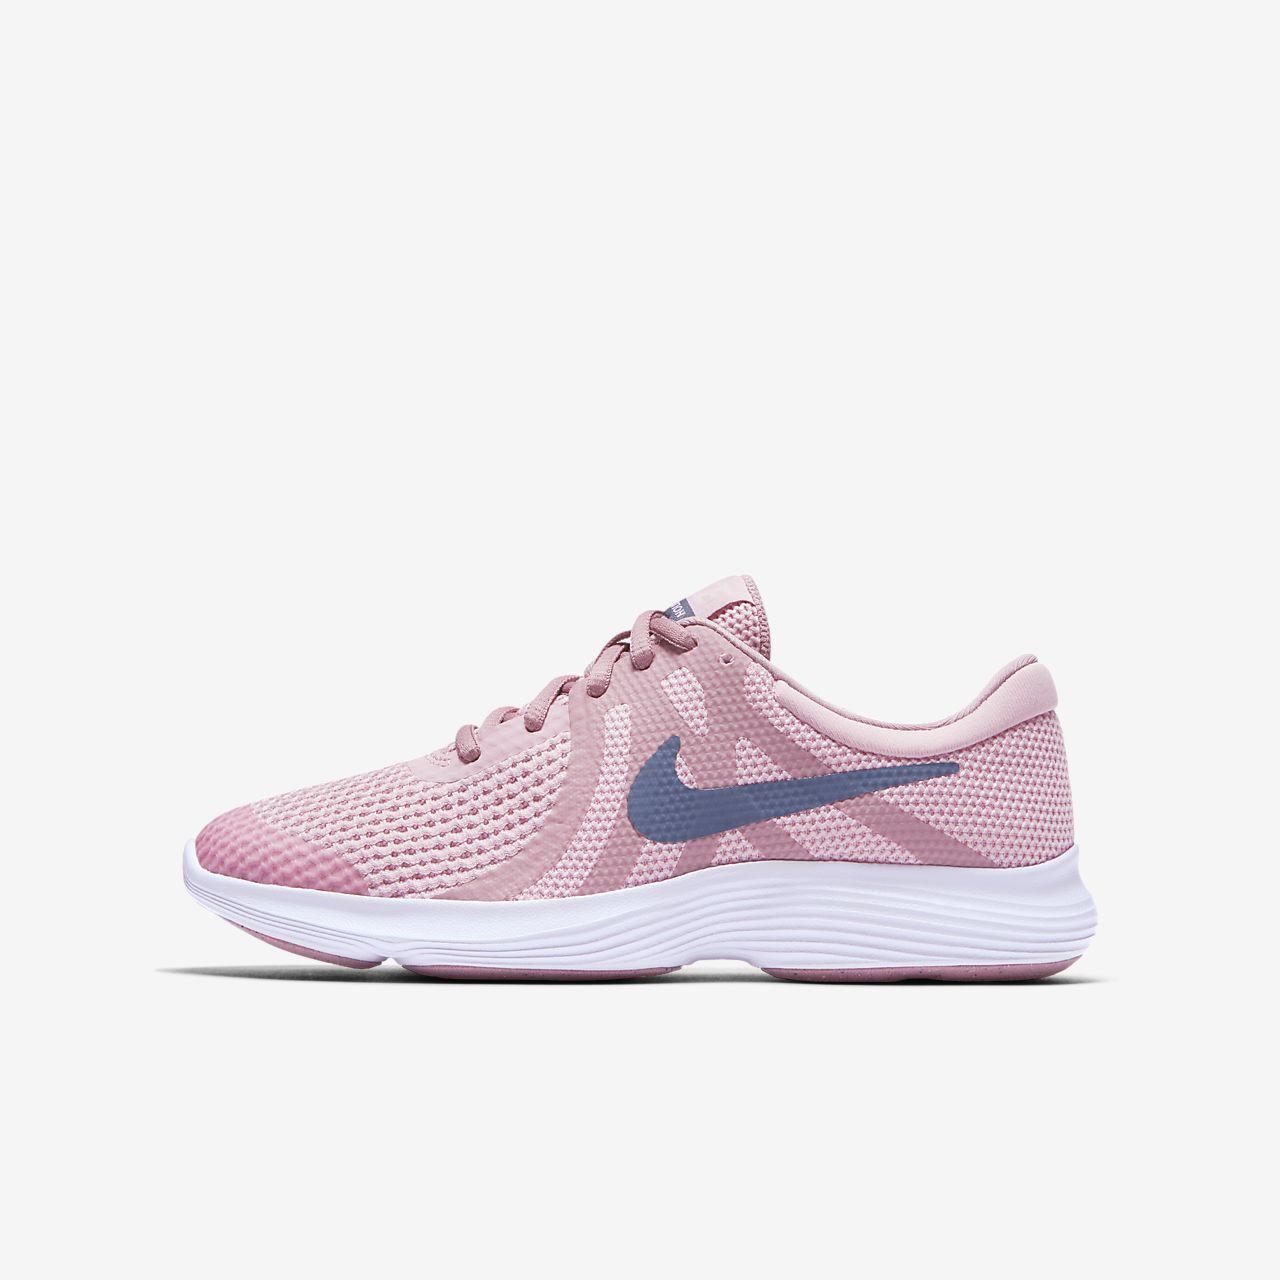 Pour Plus Chaussure Revolution Âgé Running Nike De Lu 4 Enfant XqXU4